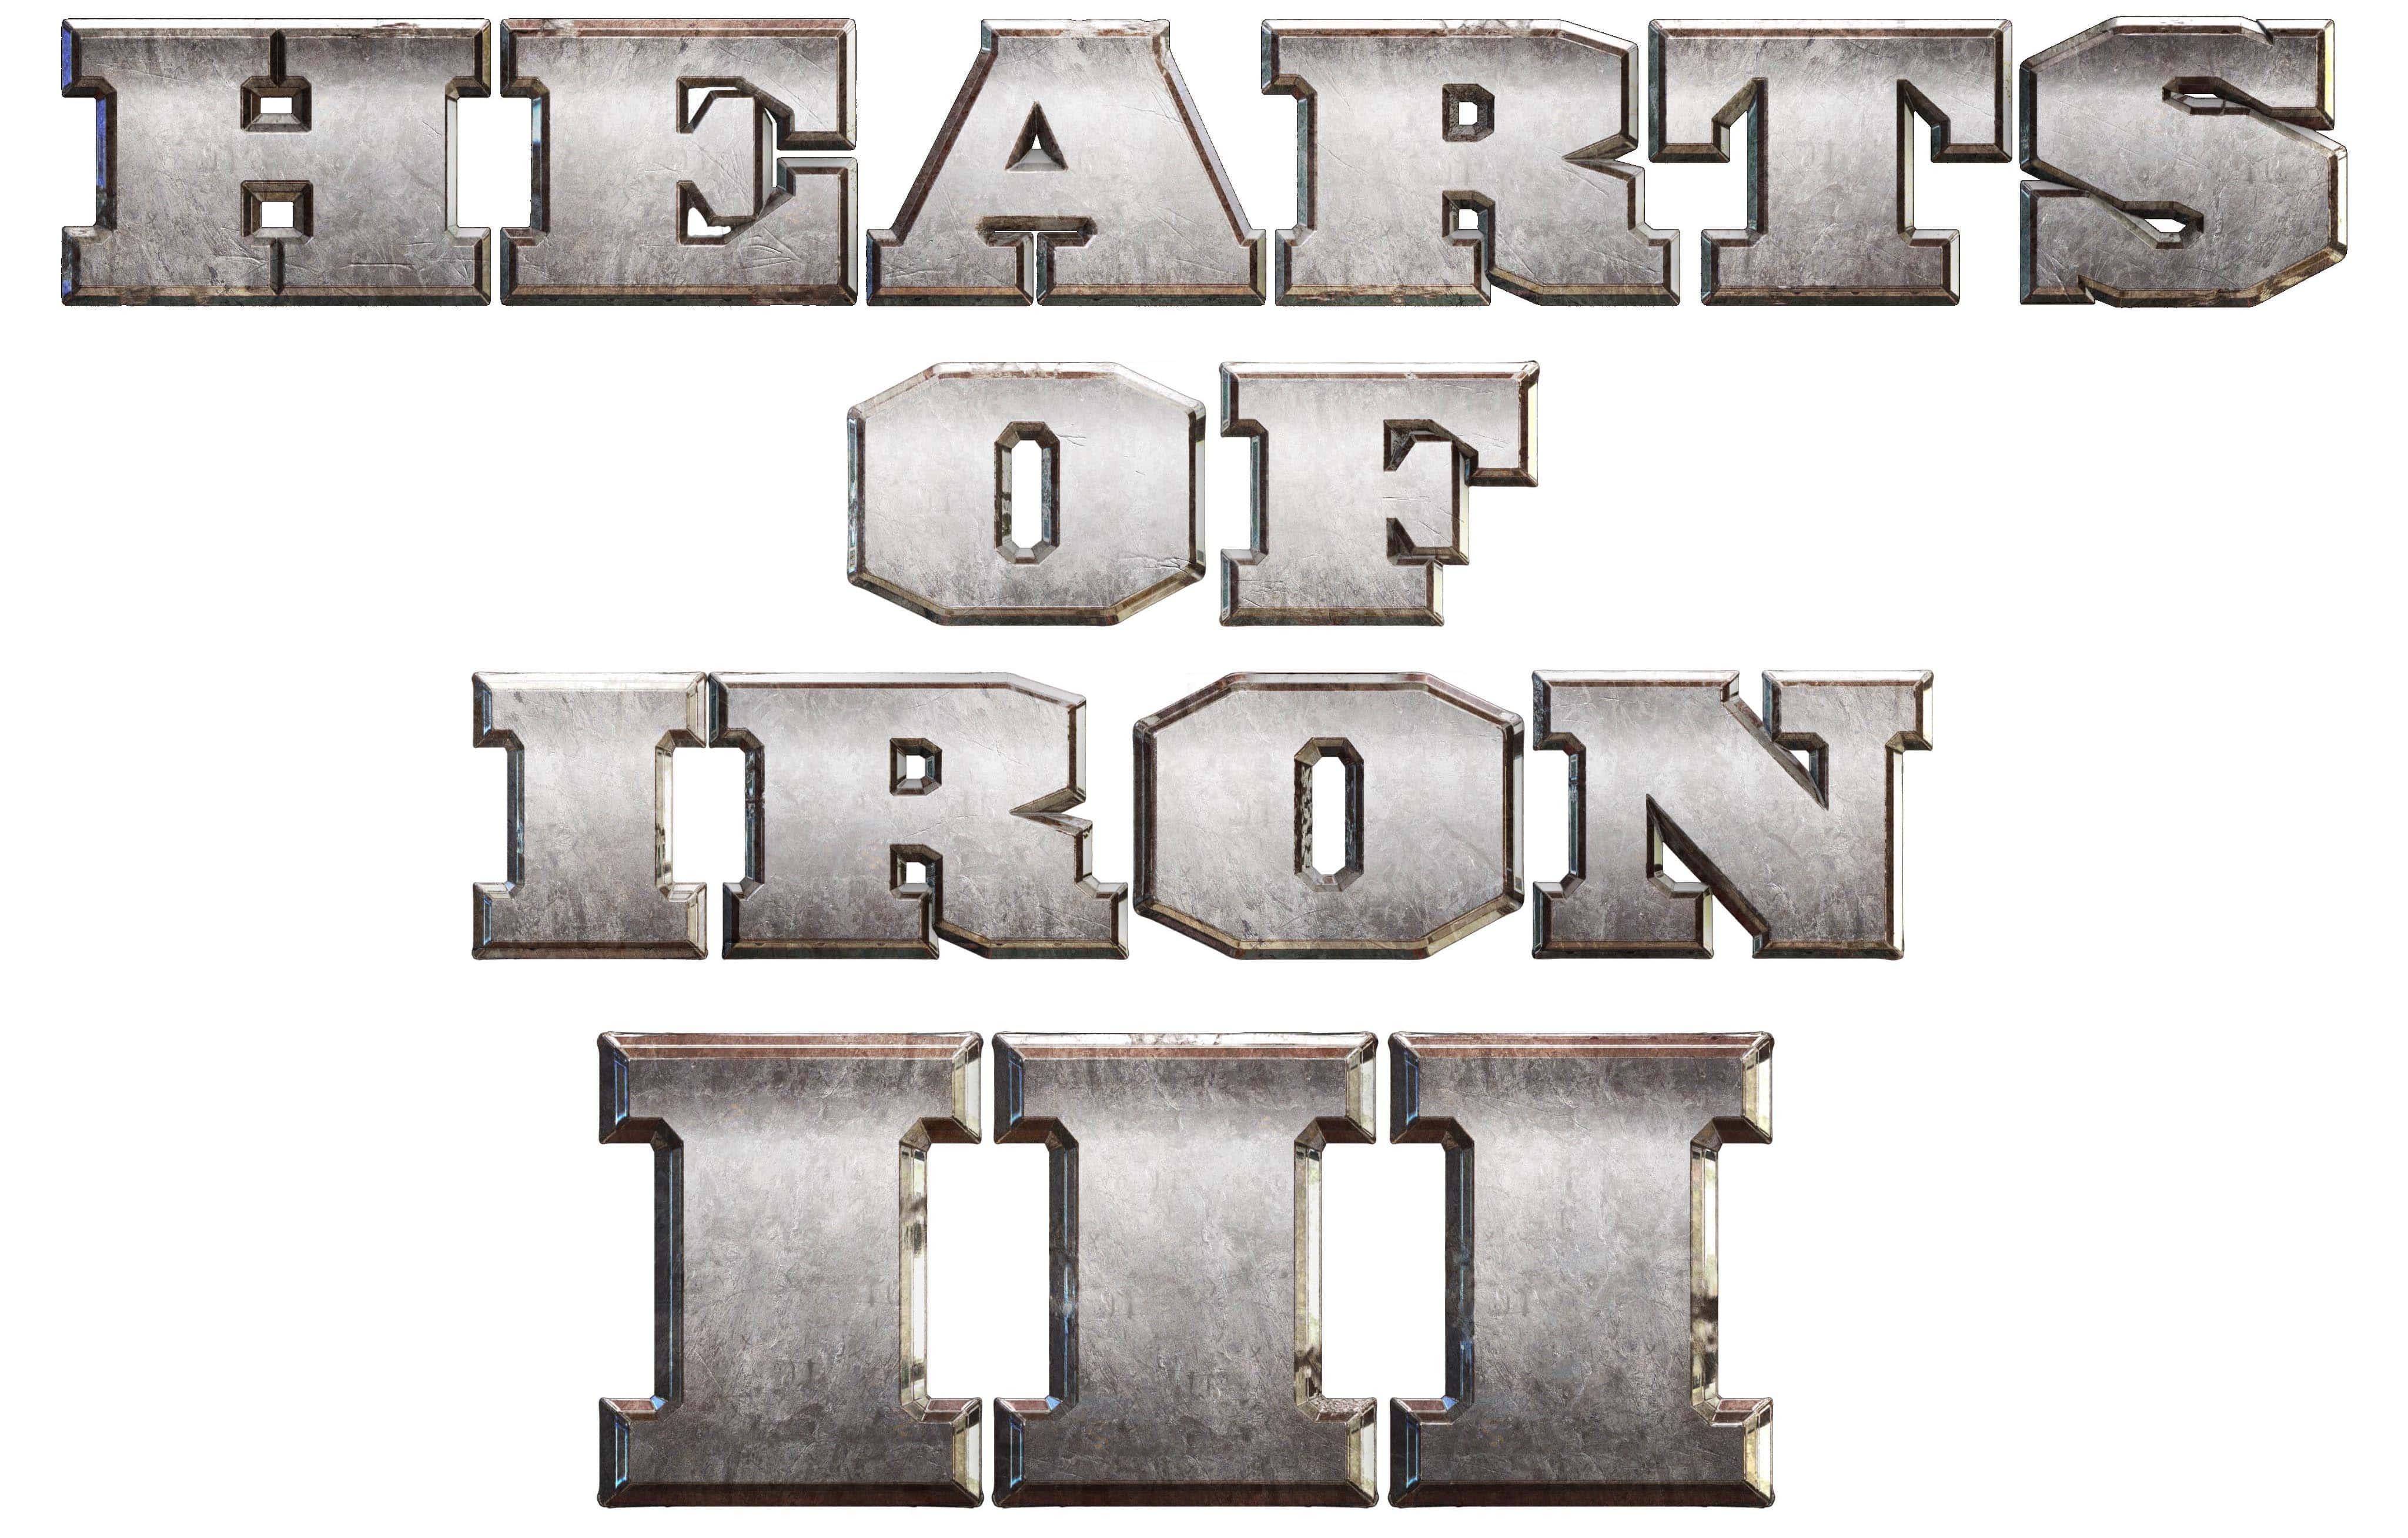 Requisitos para instalar Hearts of iron 3